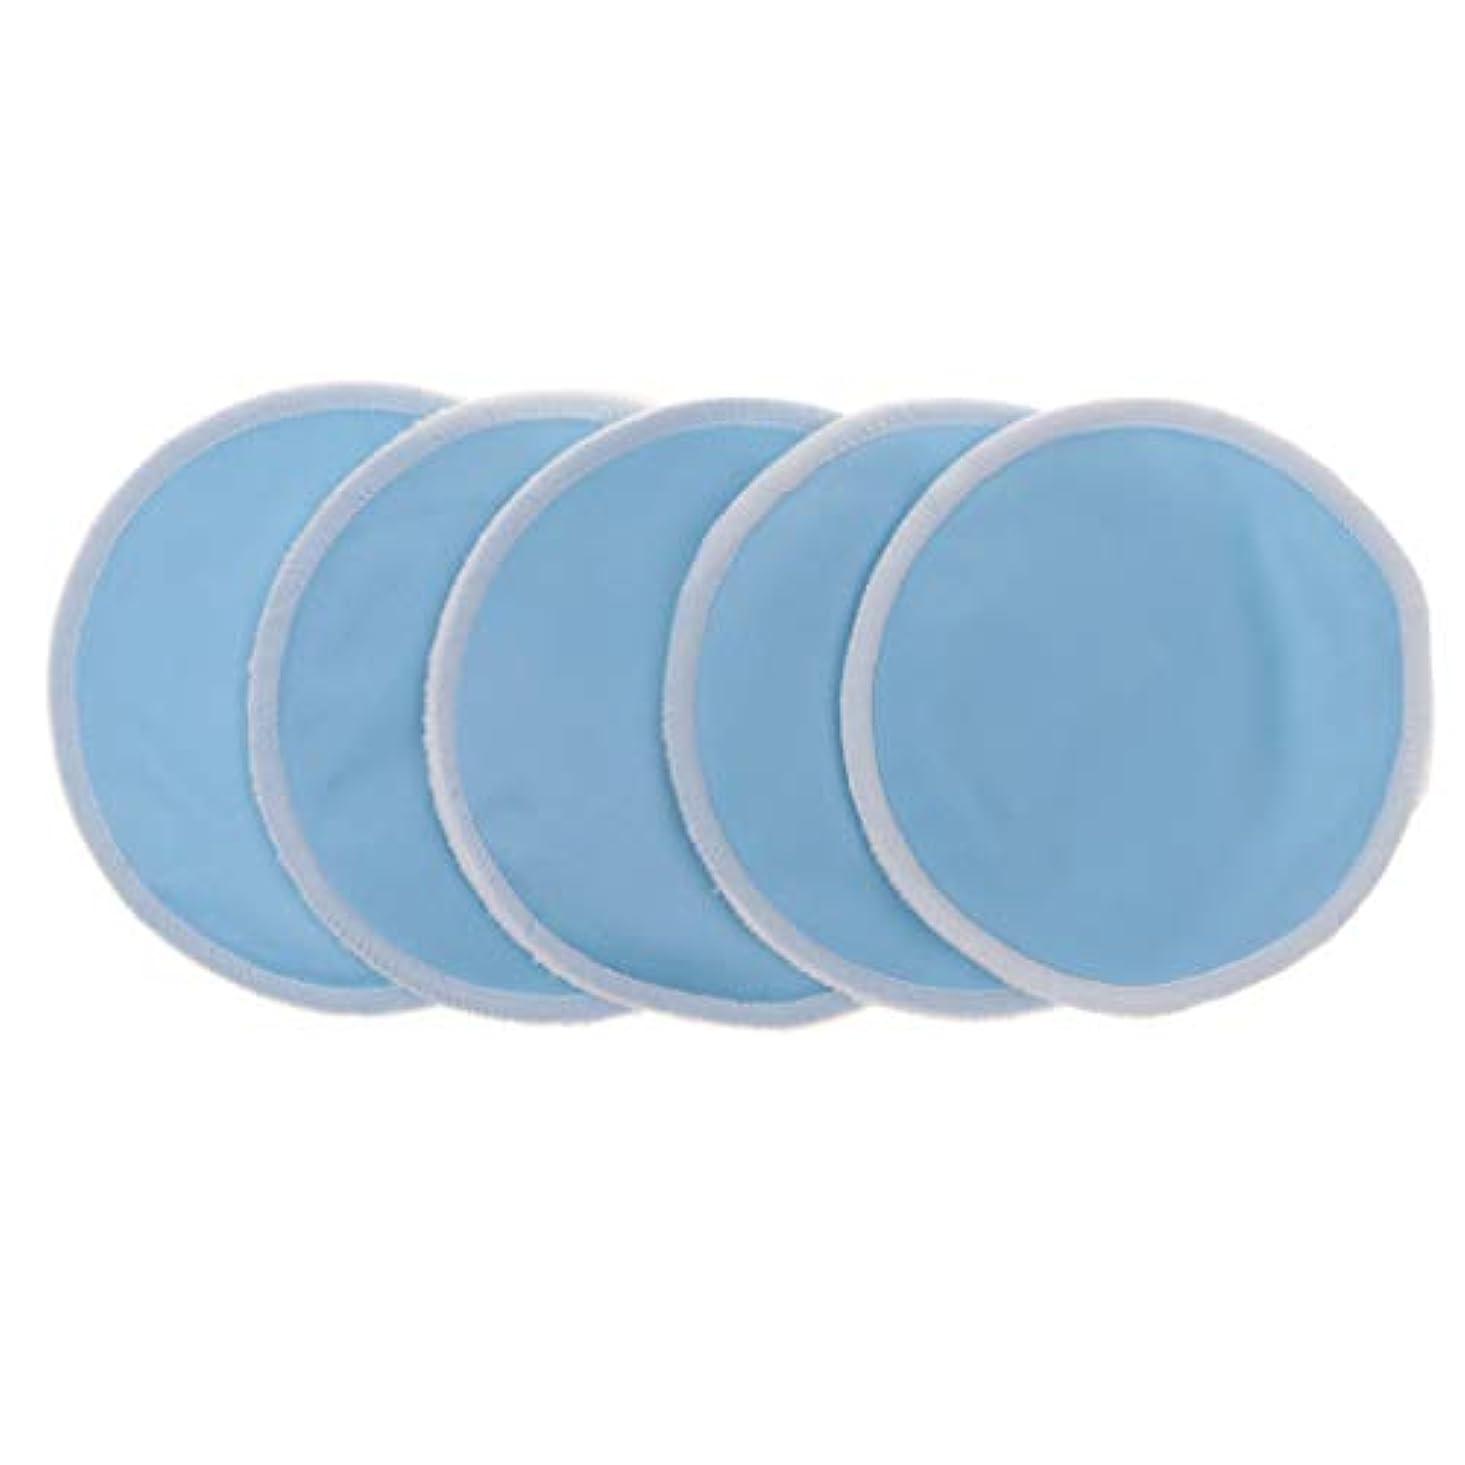 柱失敗小売全5色 胸パッド クレンジングシート メイクアップ 竹繊維 12cm 洗える 再使用可 実用的 5個入 - 青